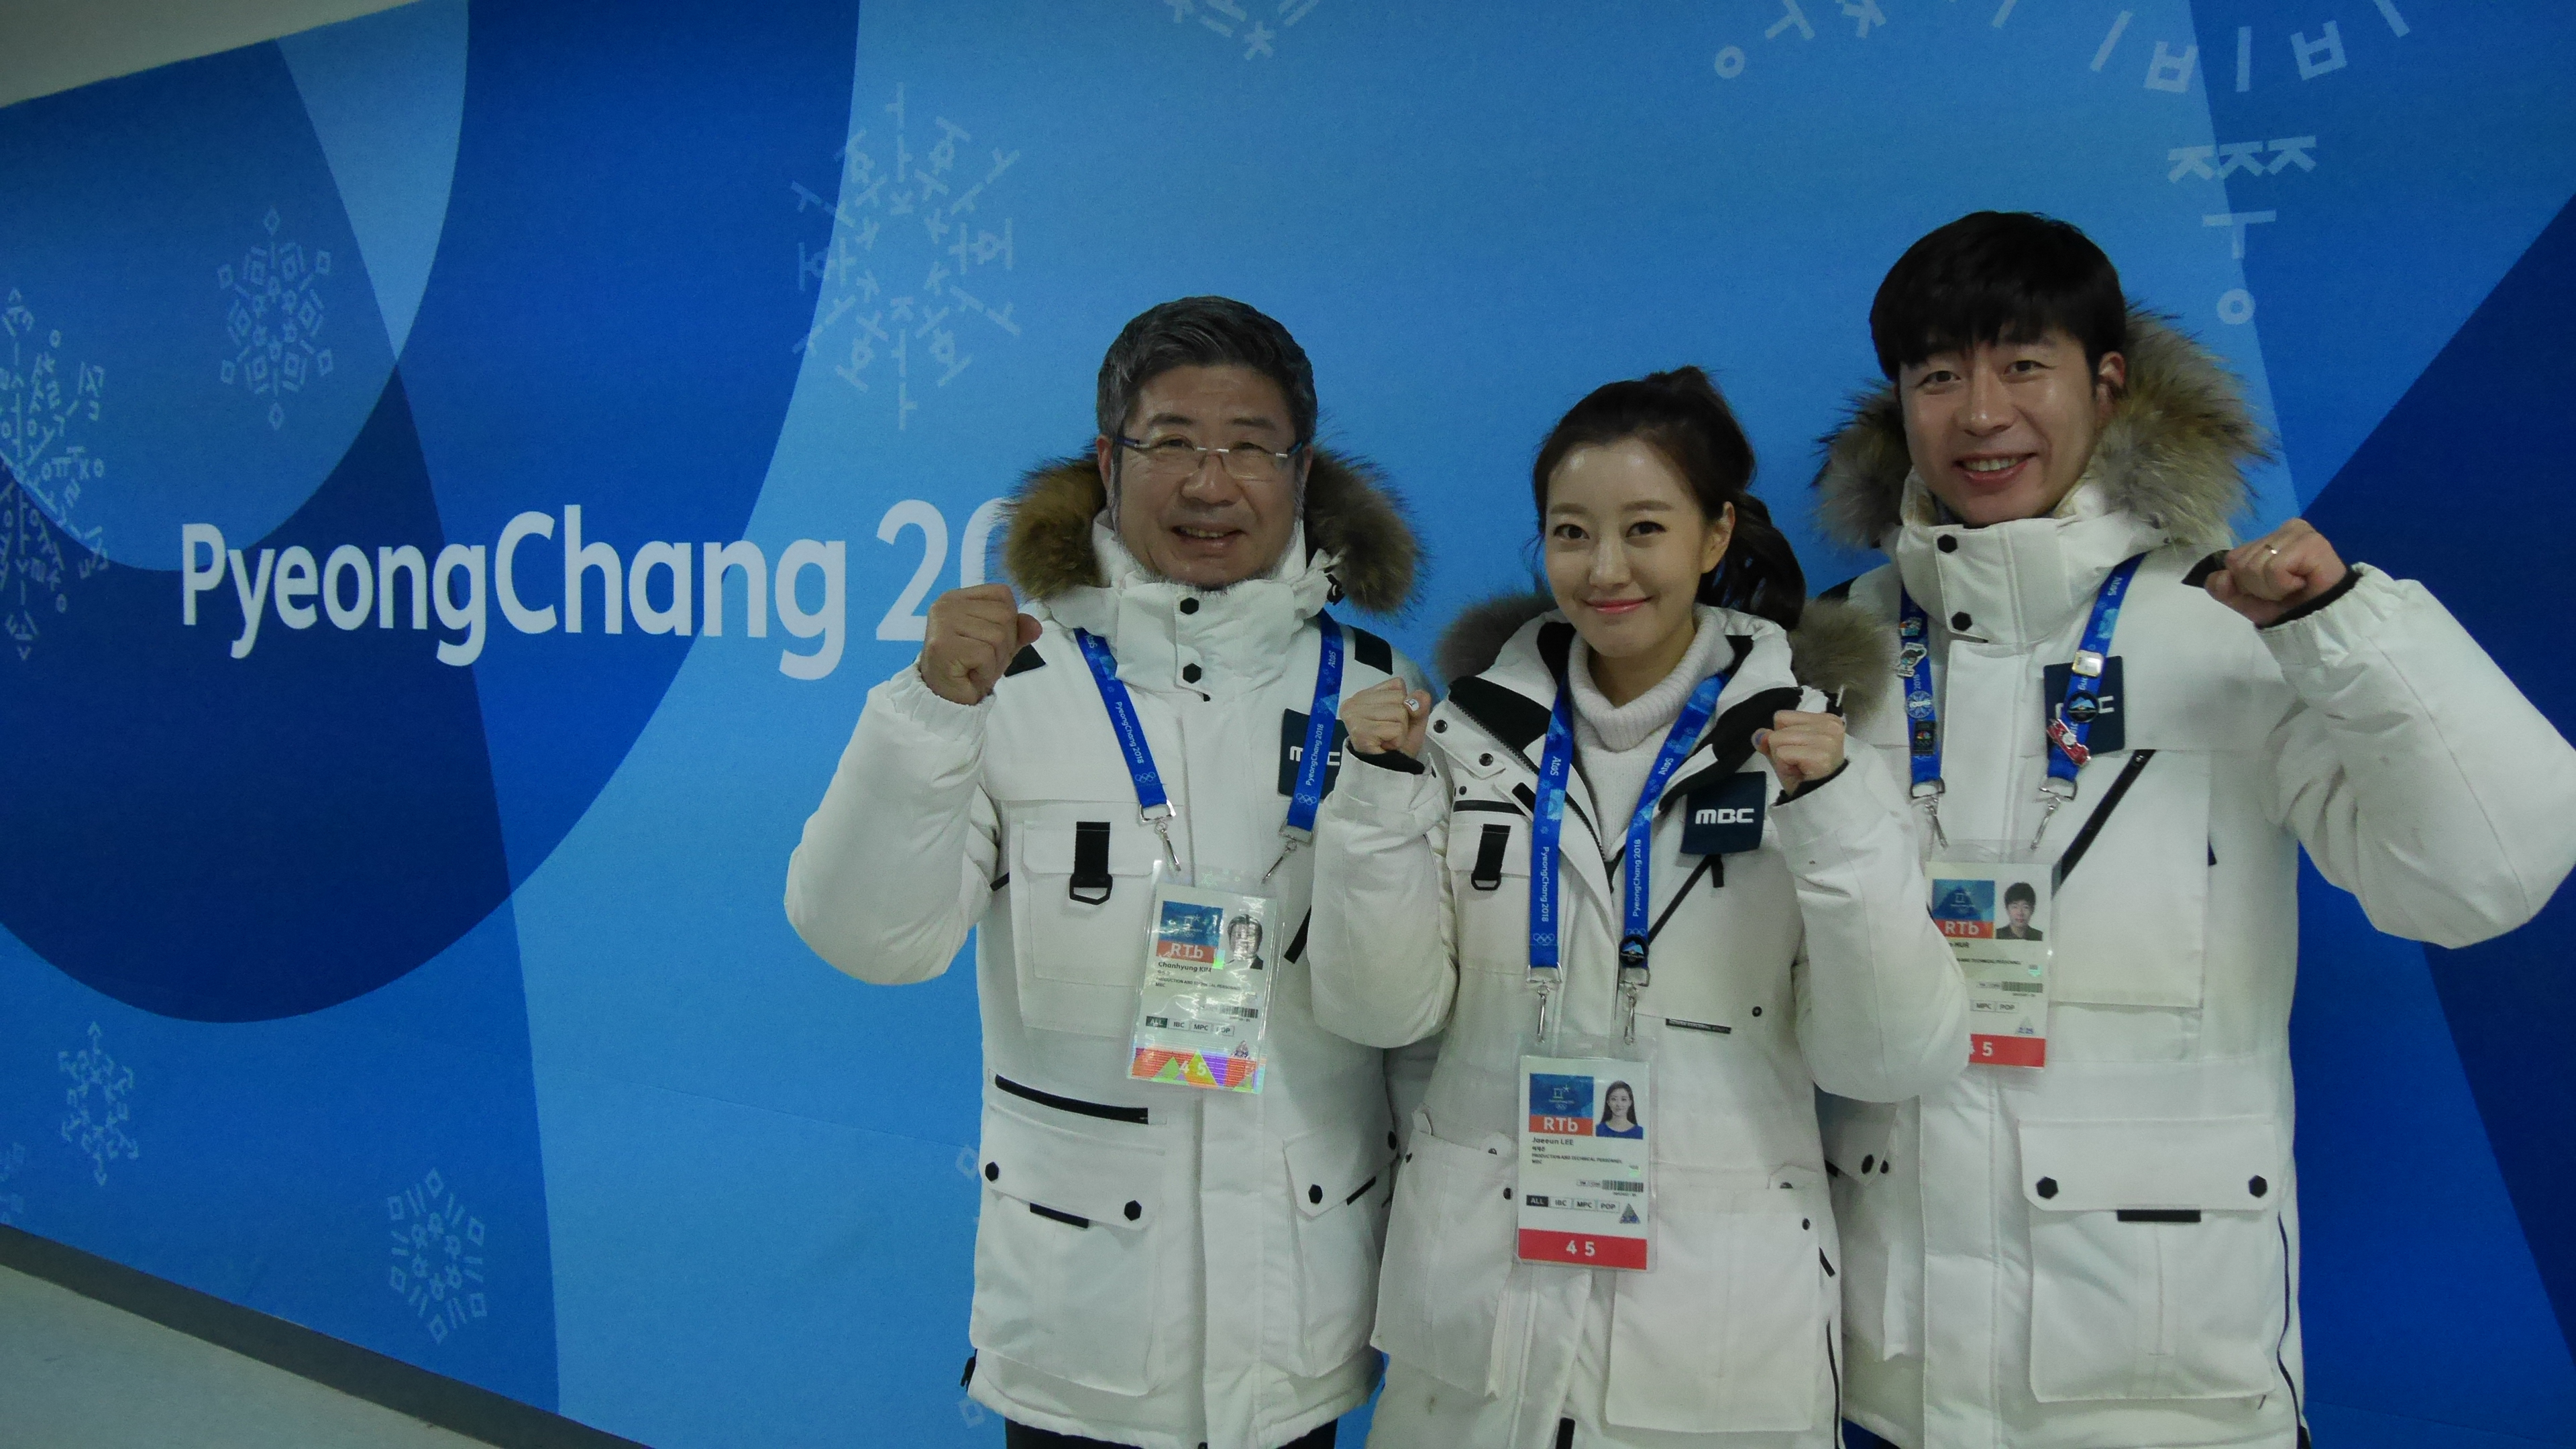 '평창올림픽' '팀 MBC', 화합과 감동의 폐회식 생생하게 전달... '굿바이 평창'